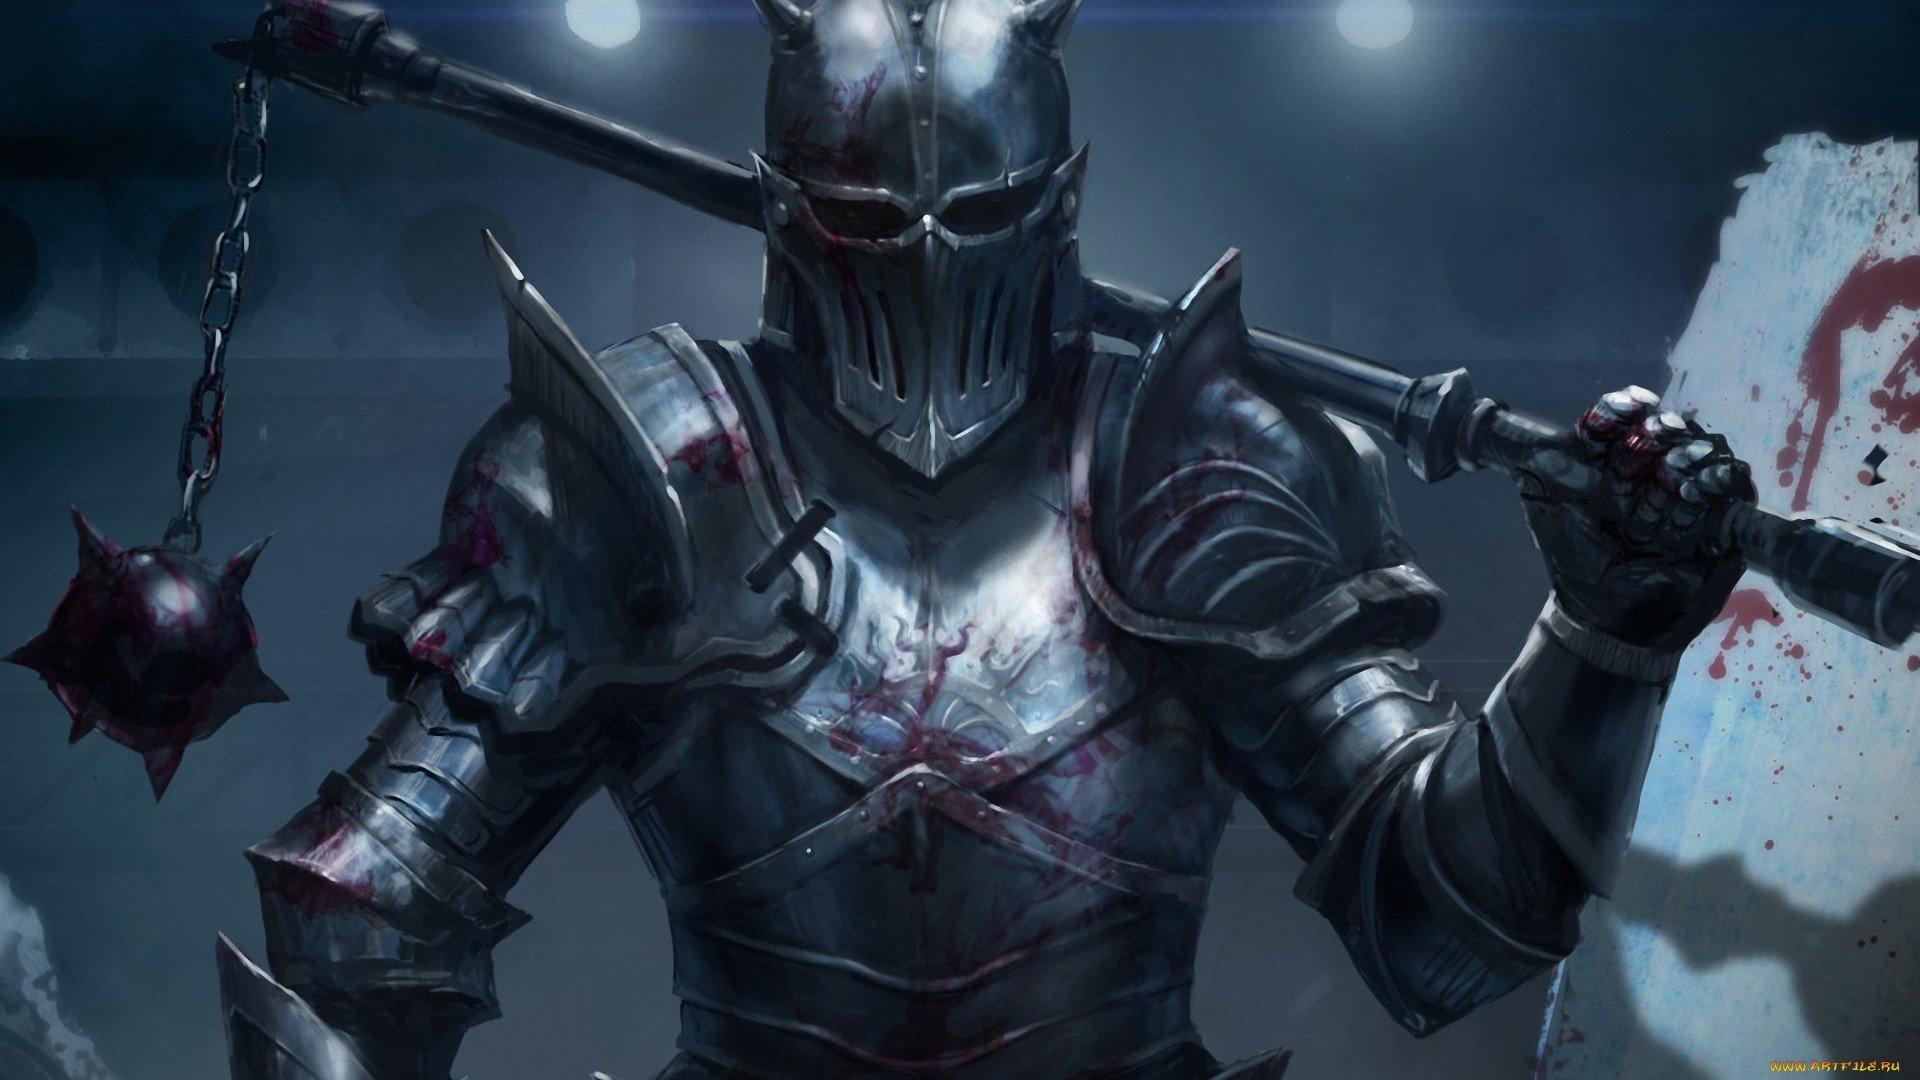 Ritter-Spiele für Android